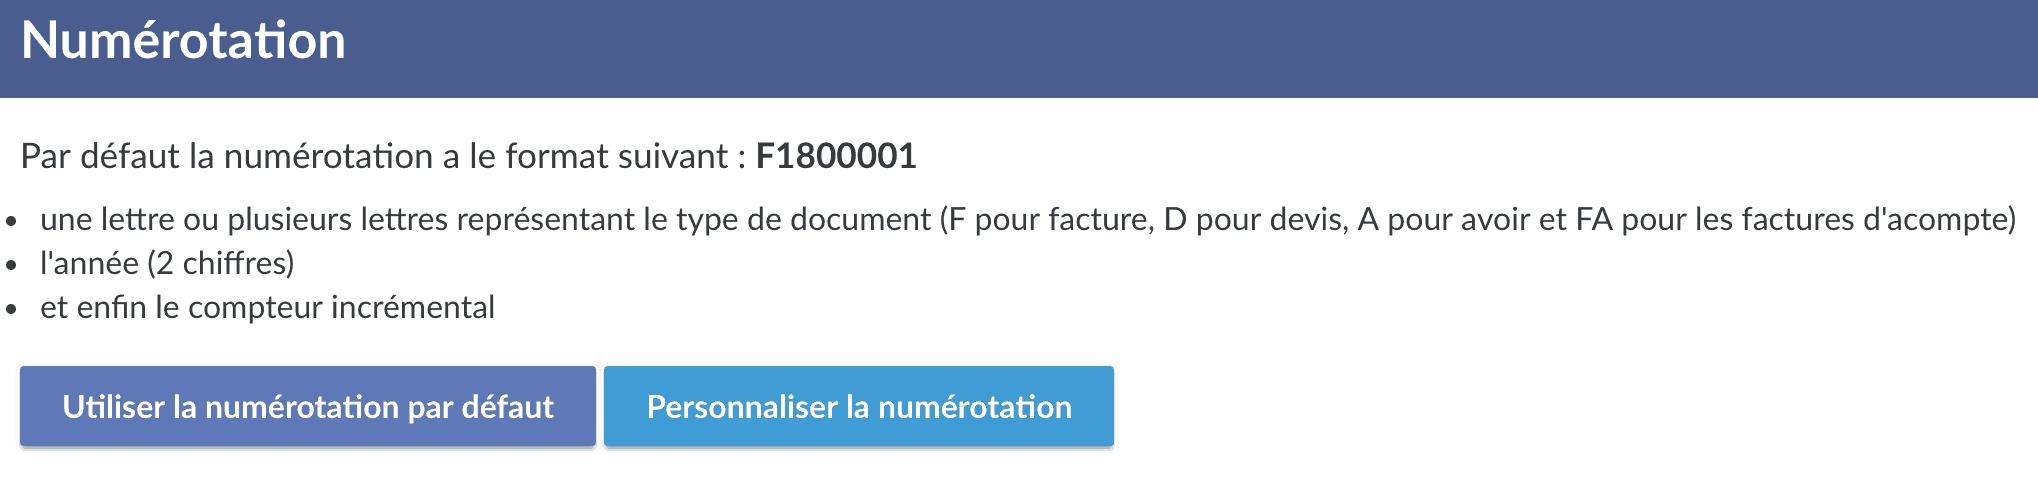 Capture d'écran facture.net numérotation